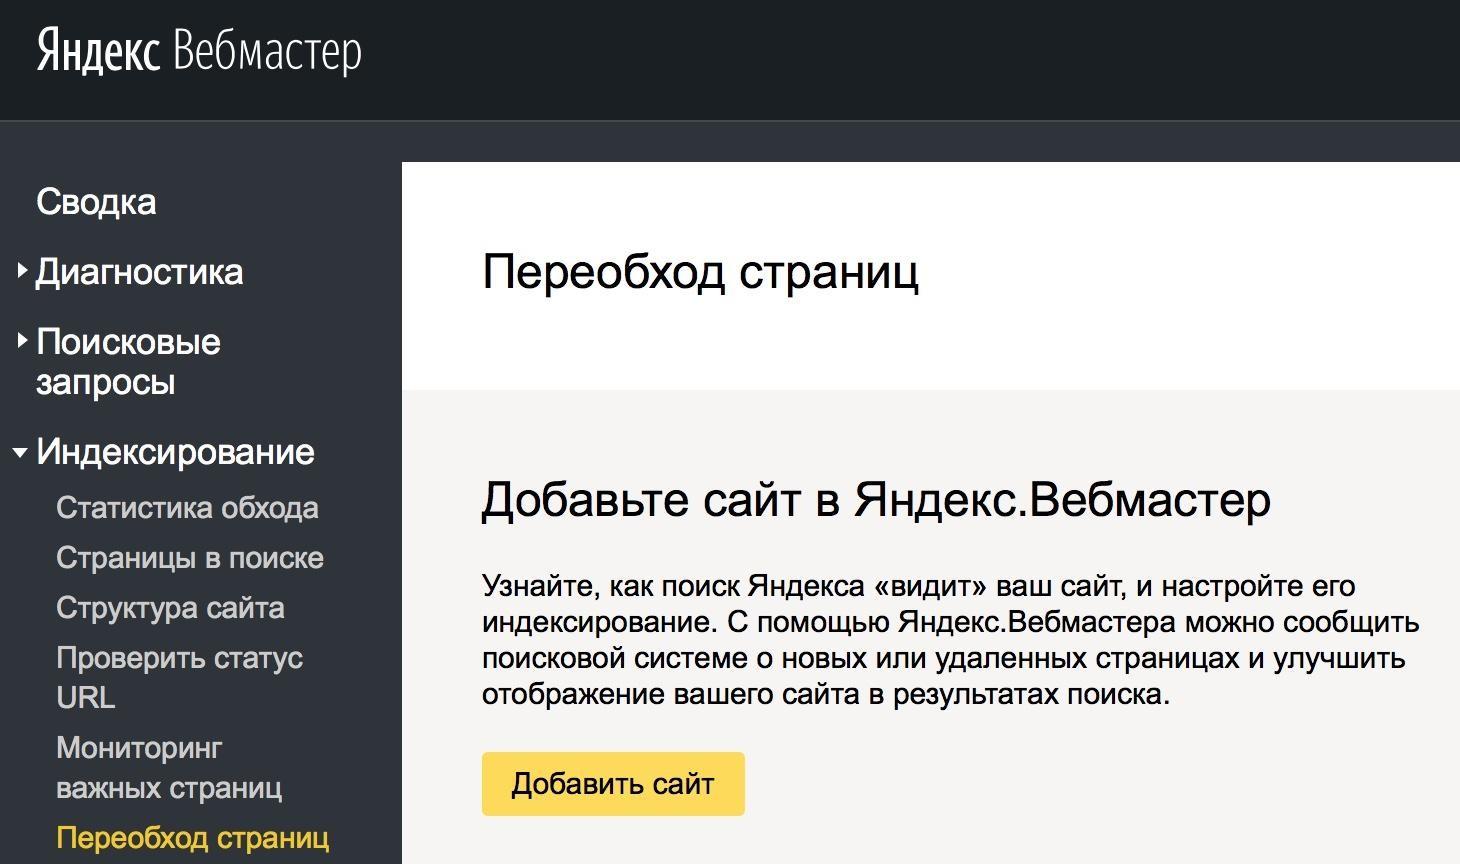 Бан в Яндексе или Google.jpg